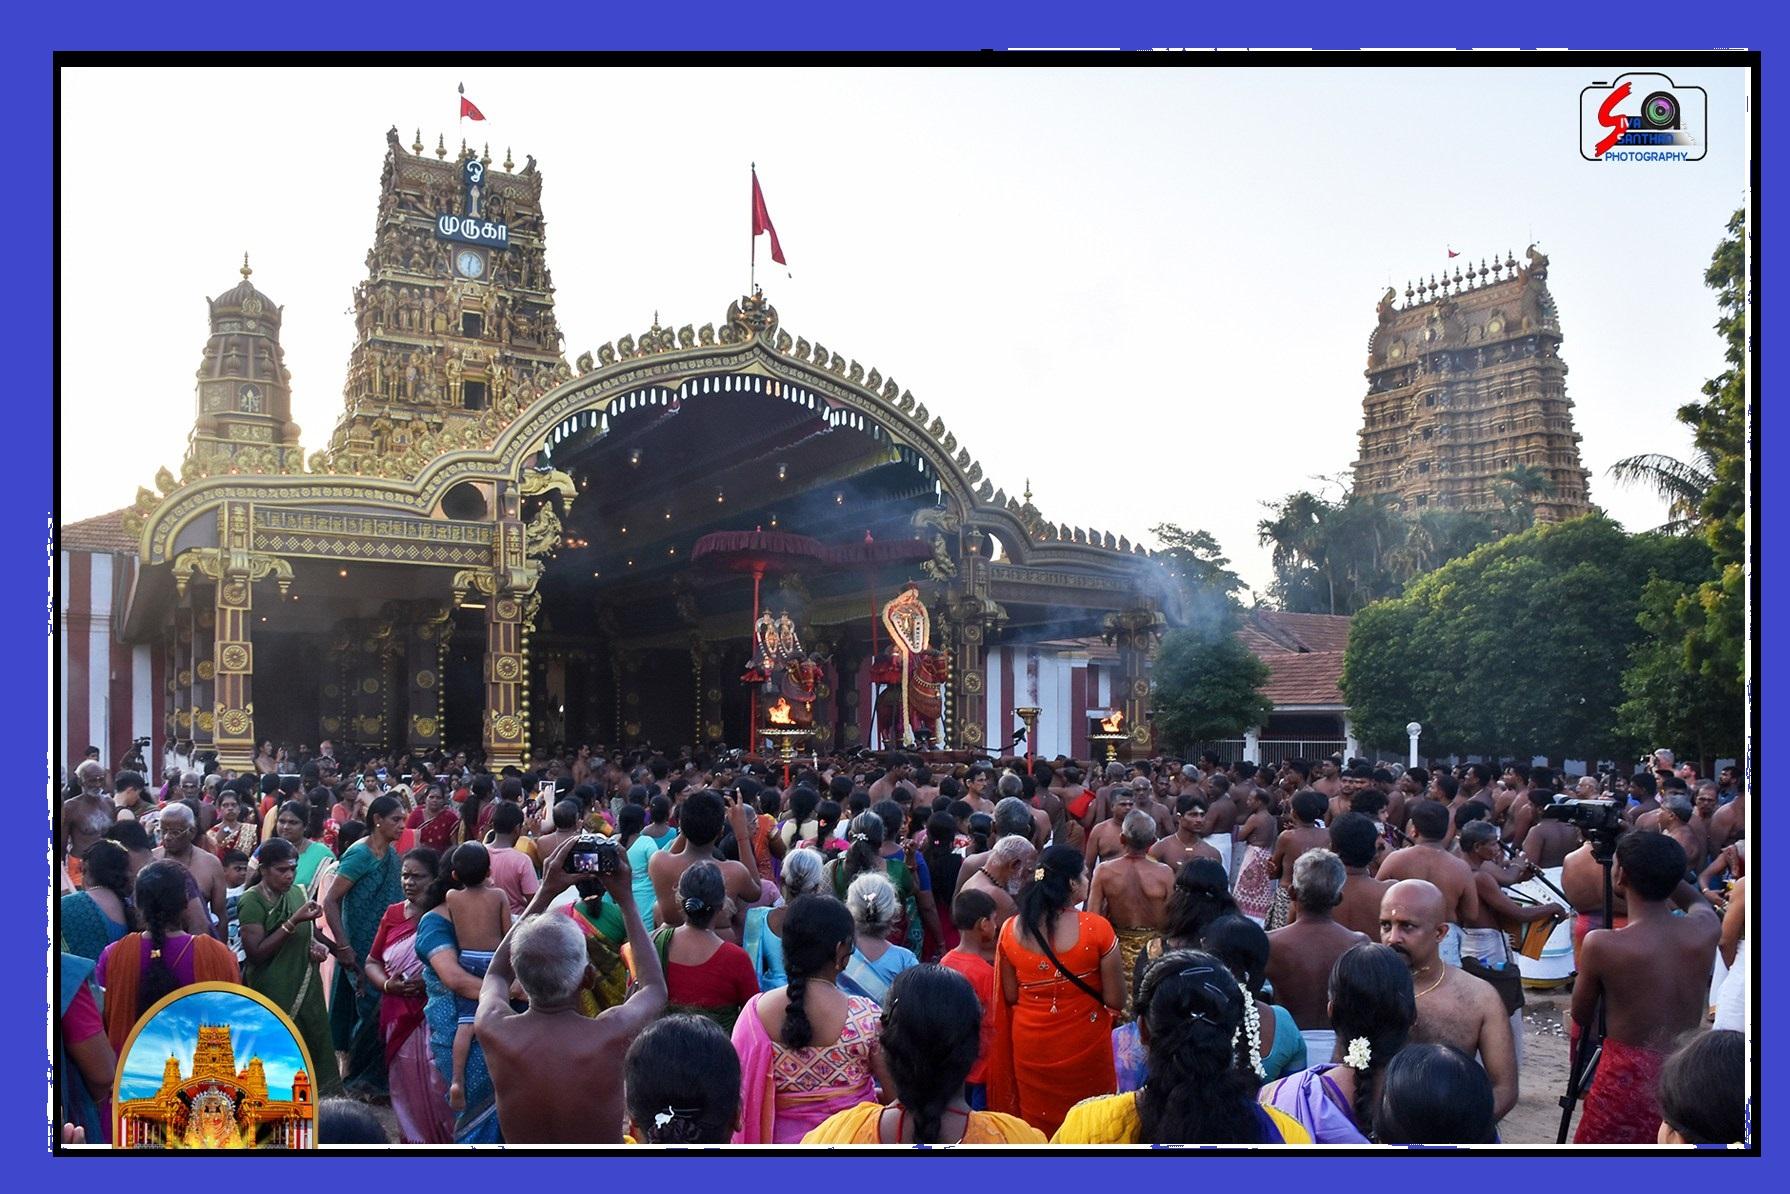 நல்லூர் கந்தசுவாமி ஆலய 6ஆம் திருவிழா(02.08.2017)